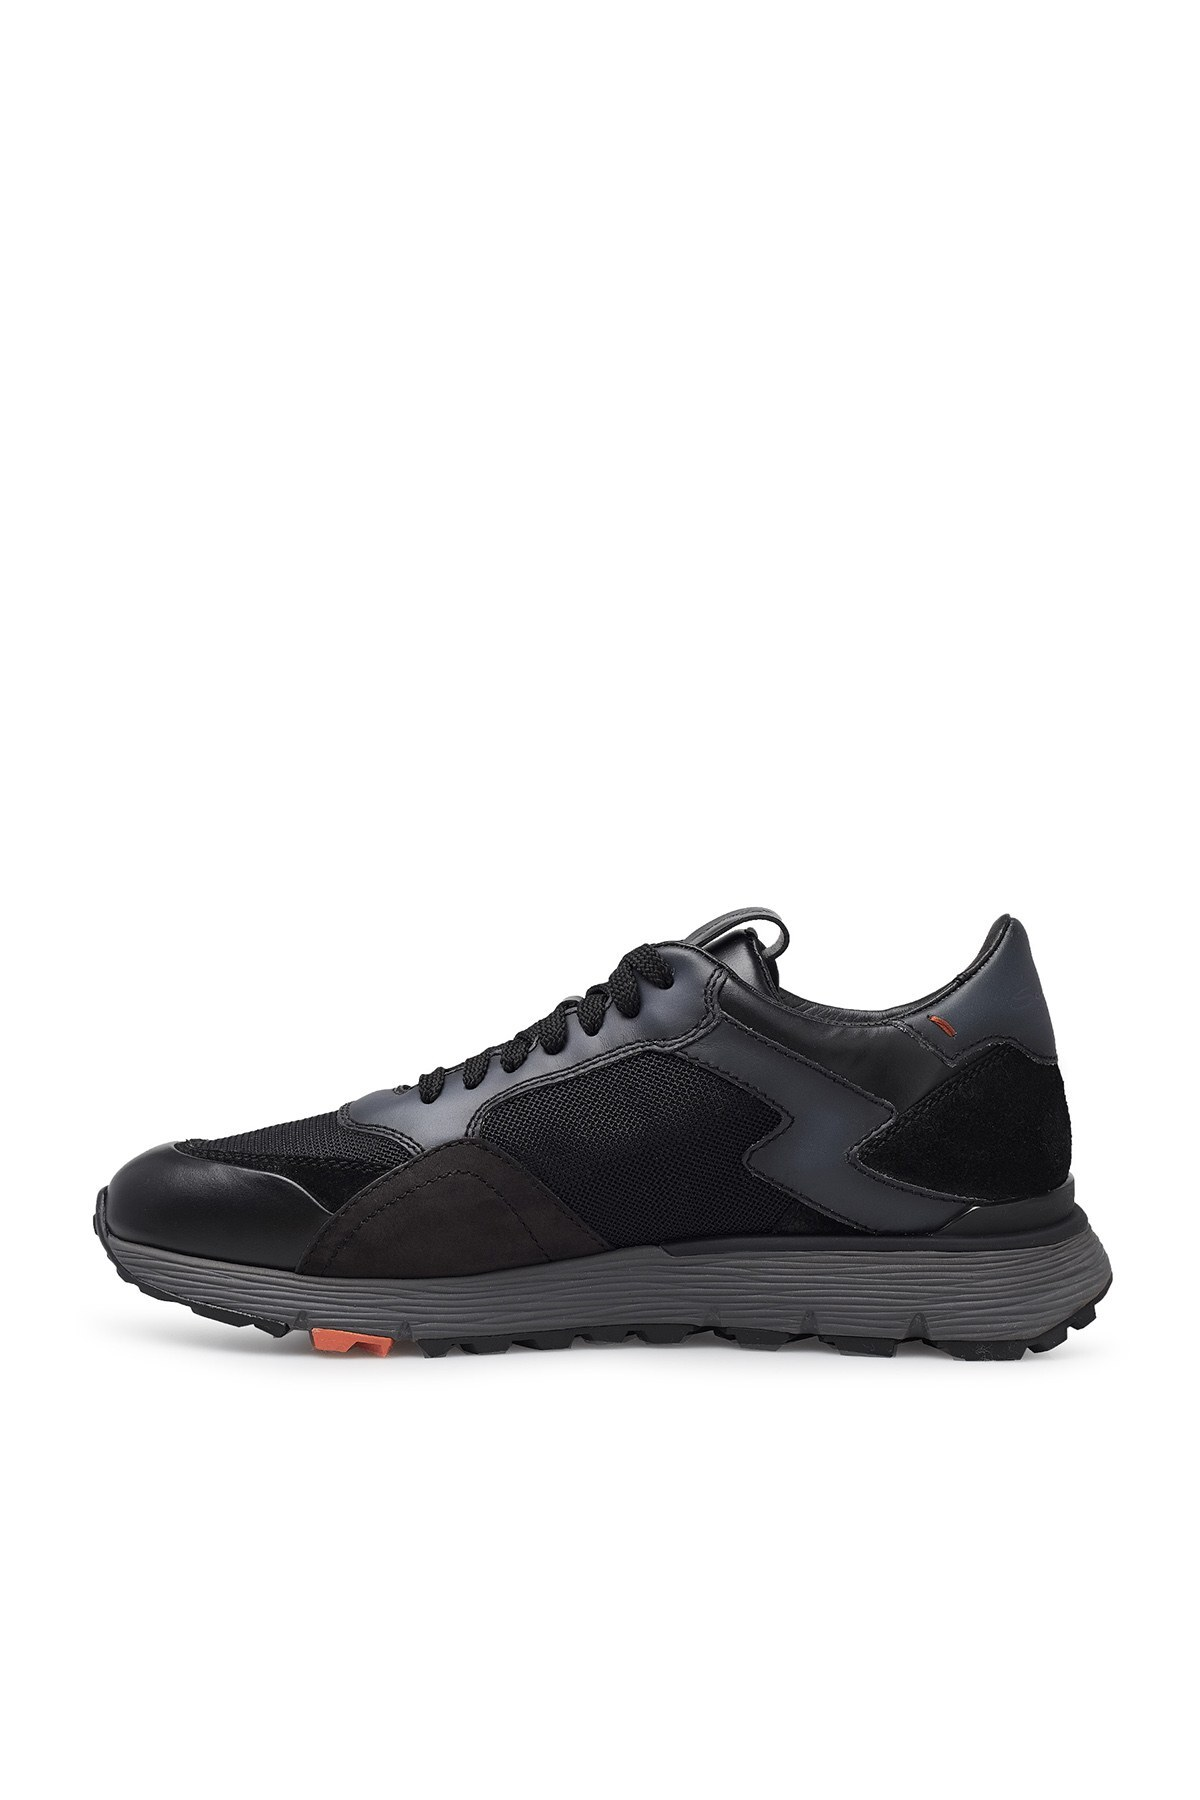 Santoni Erkek Ayakkabı MBCR21297ANARJXNN55 SİYAH